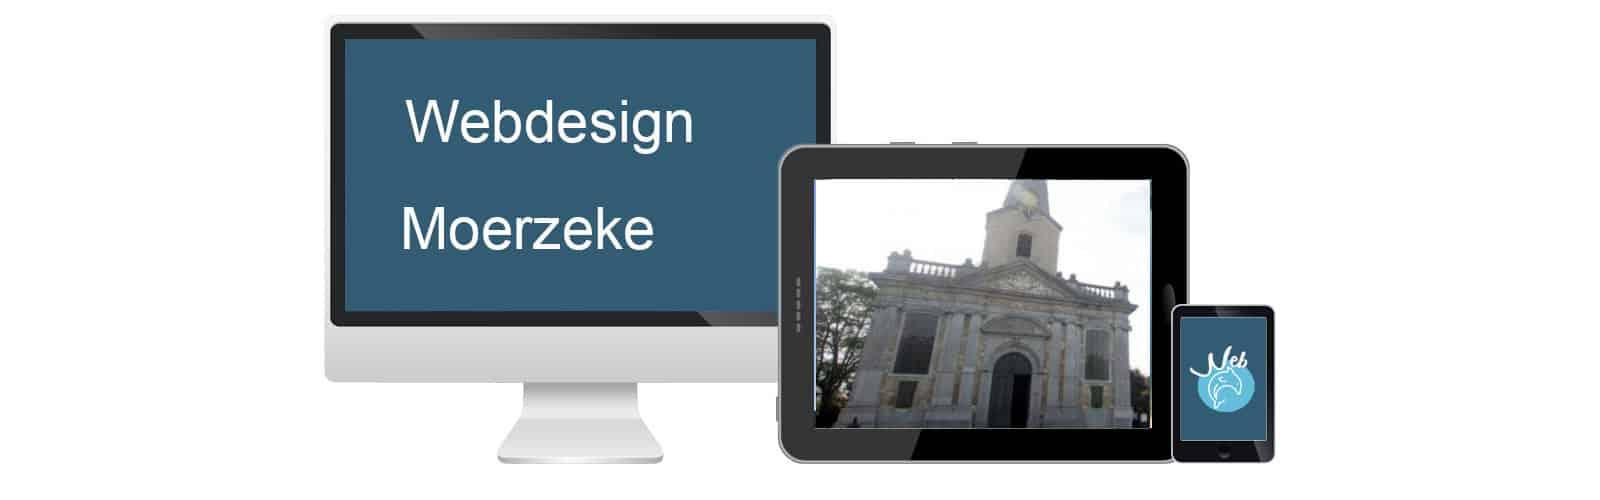 Webdesign Moerzeke - webdolfijn